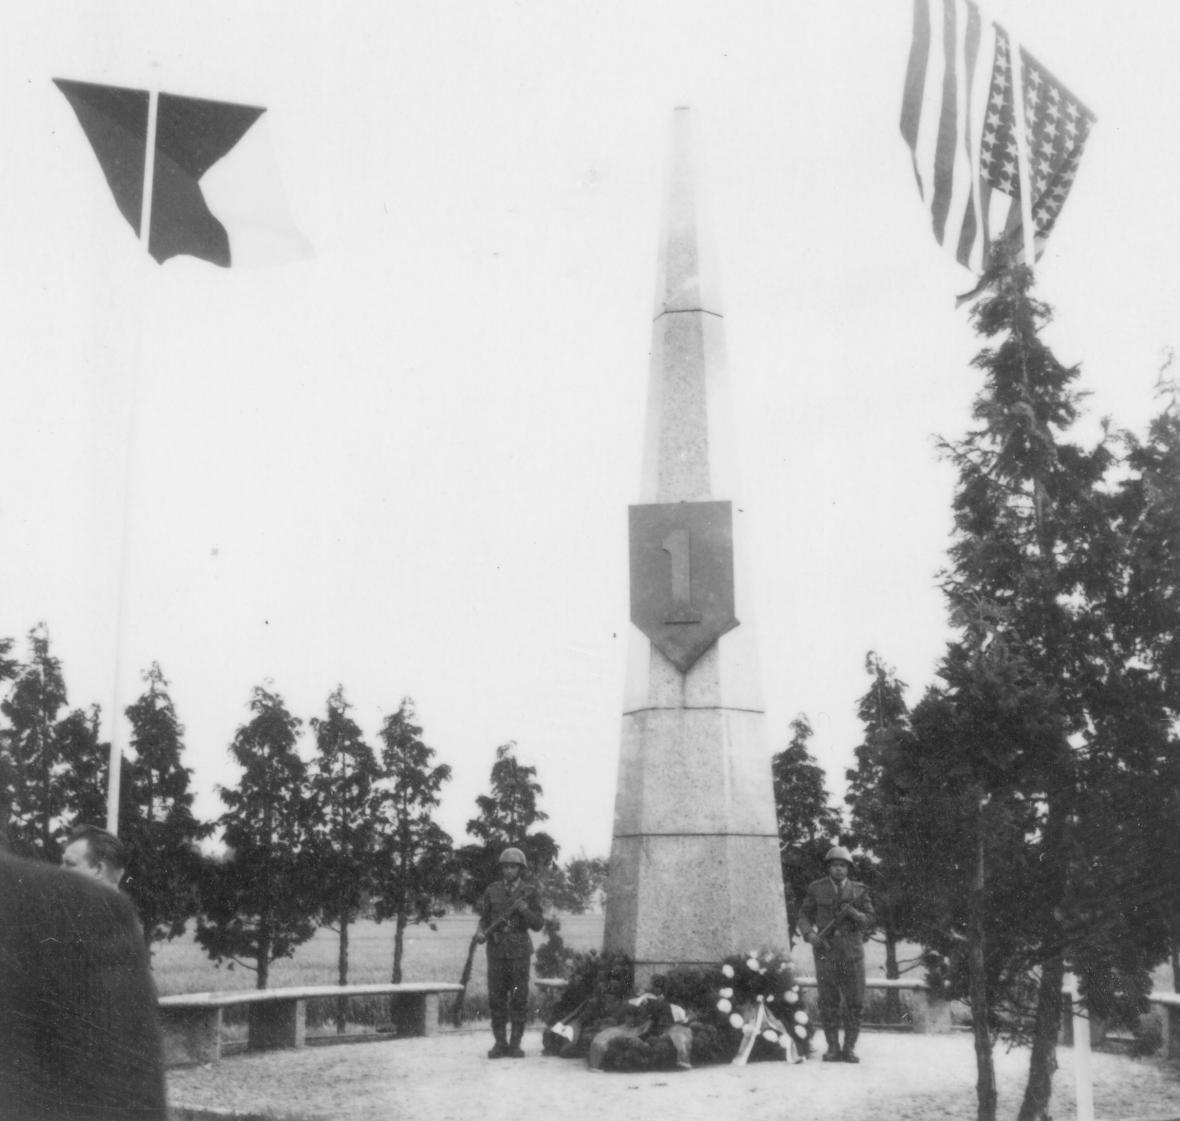 Pomník v roce 1968